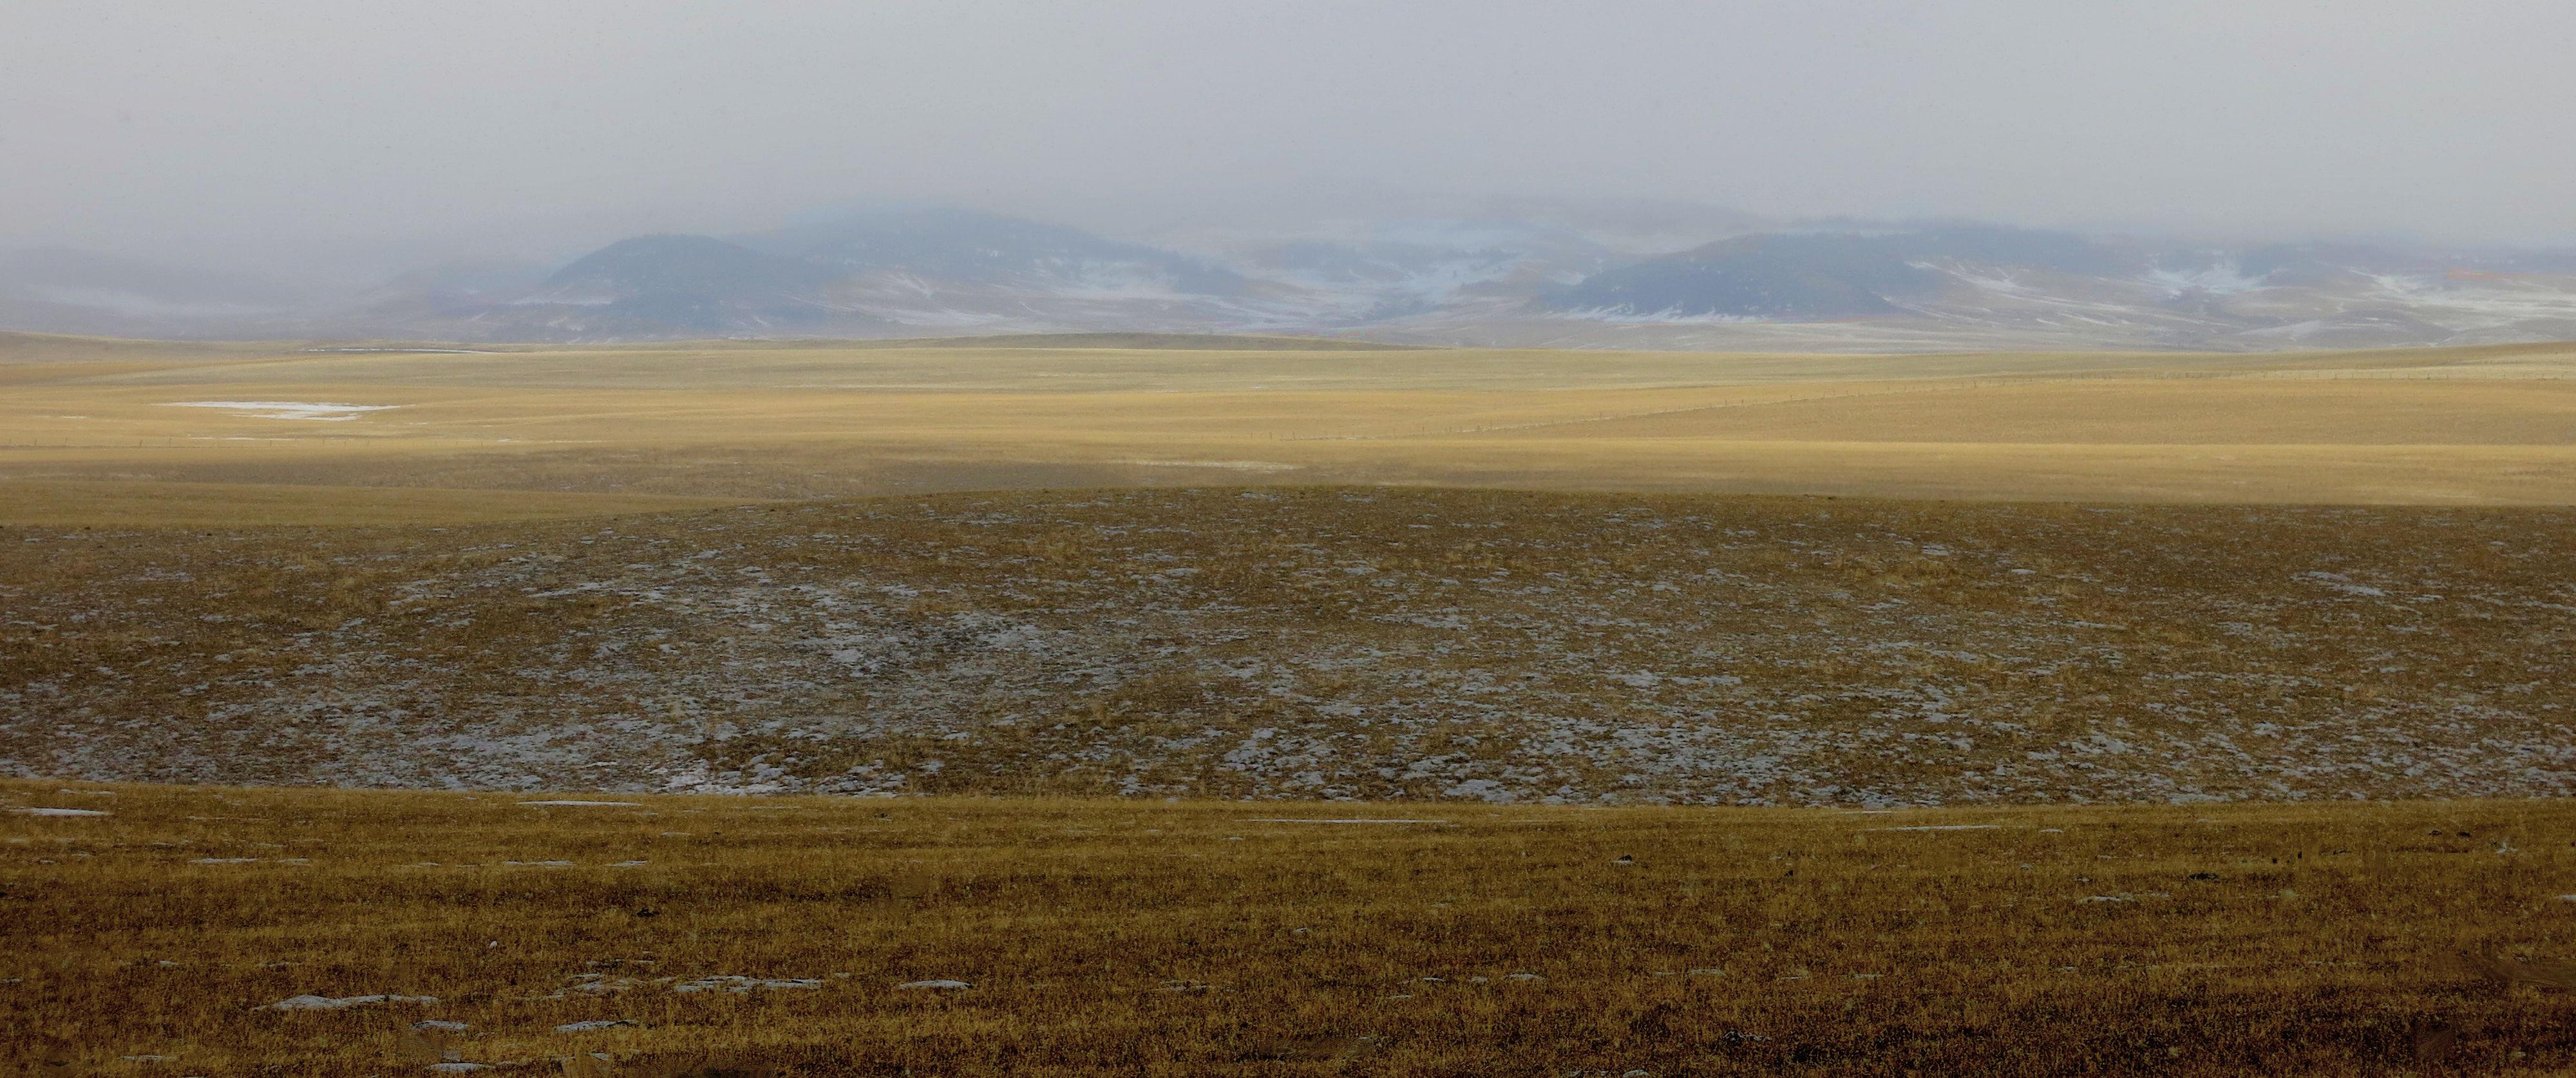 hwy 22 winter field grey day IMG_6520